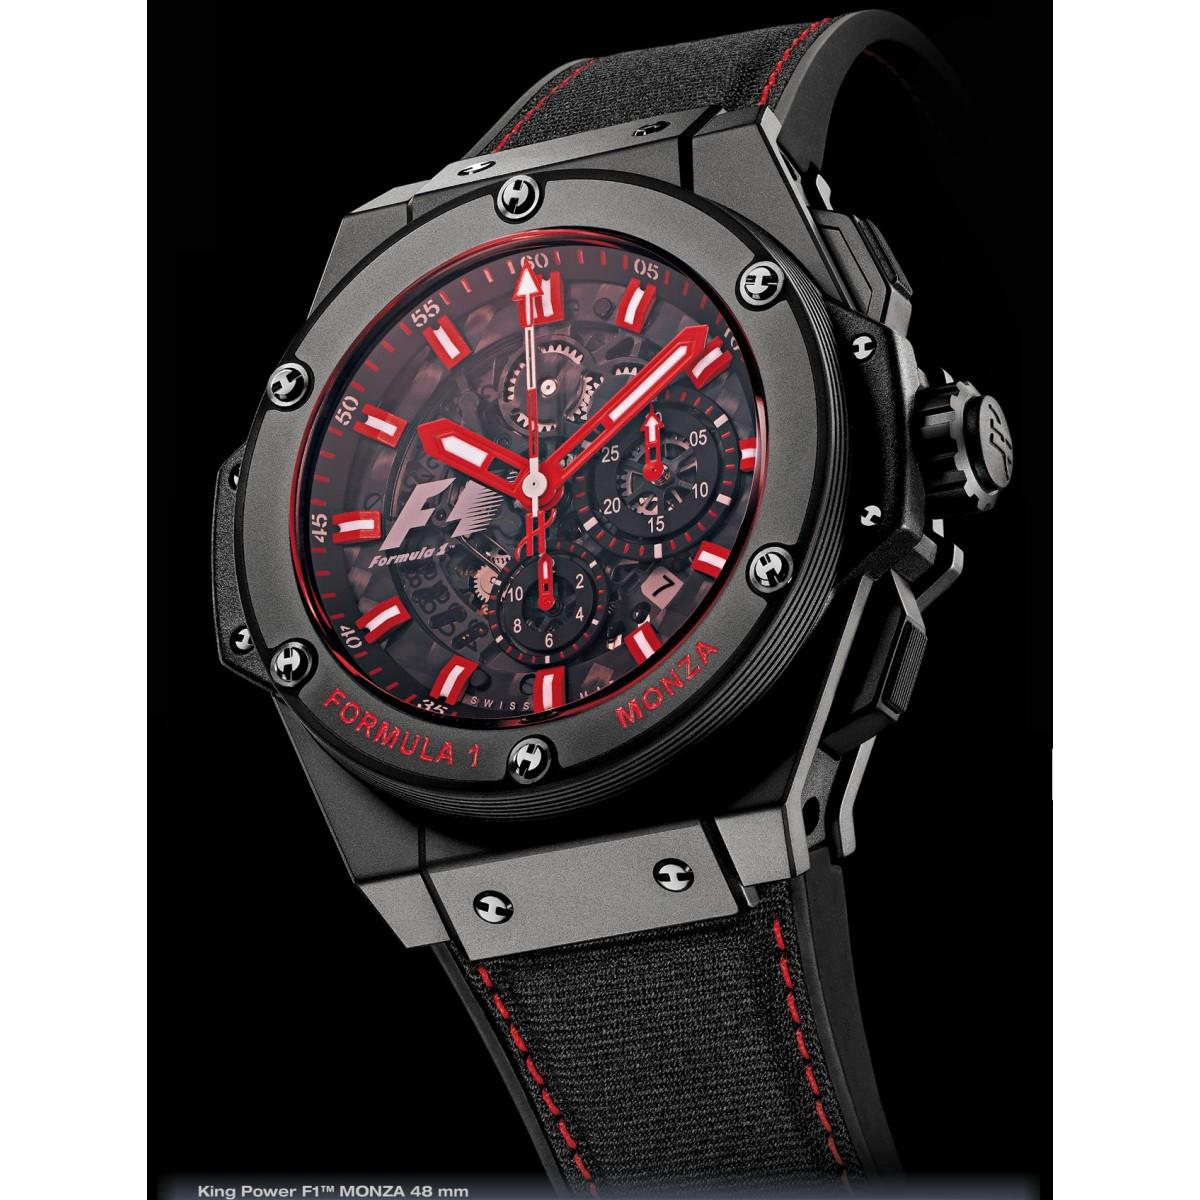 b1080202e60 Relógio Réplica Hublot Formula1 Monza